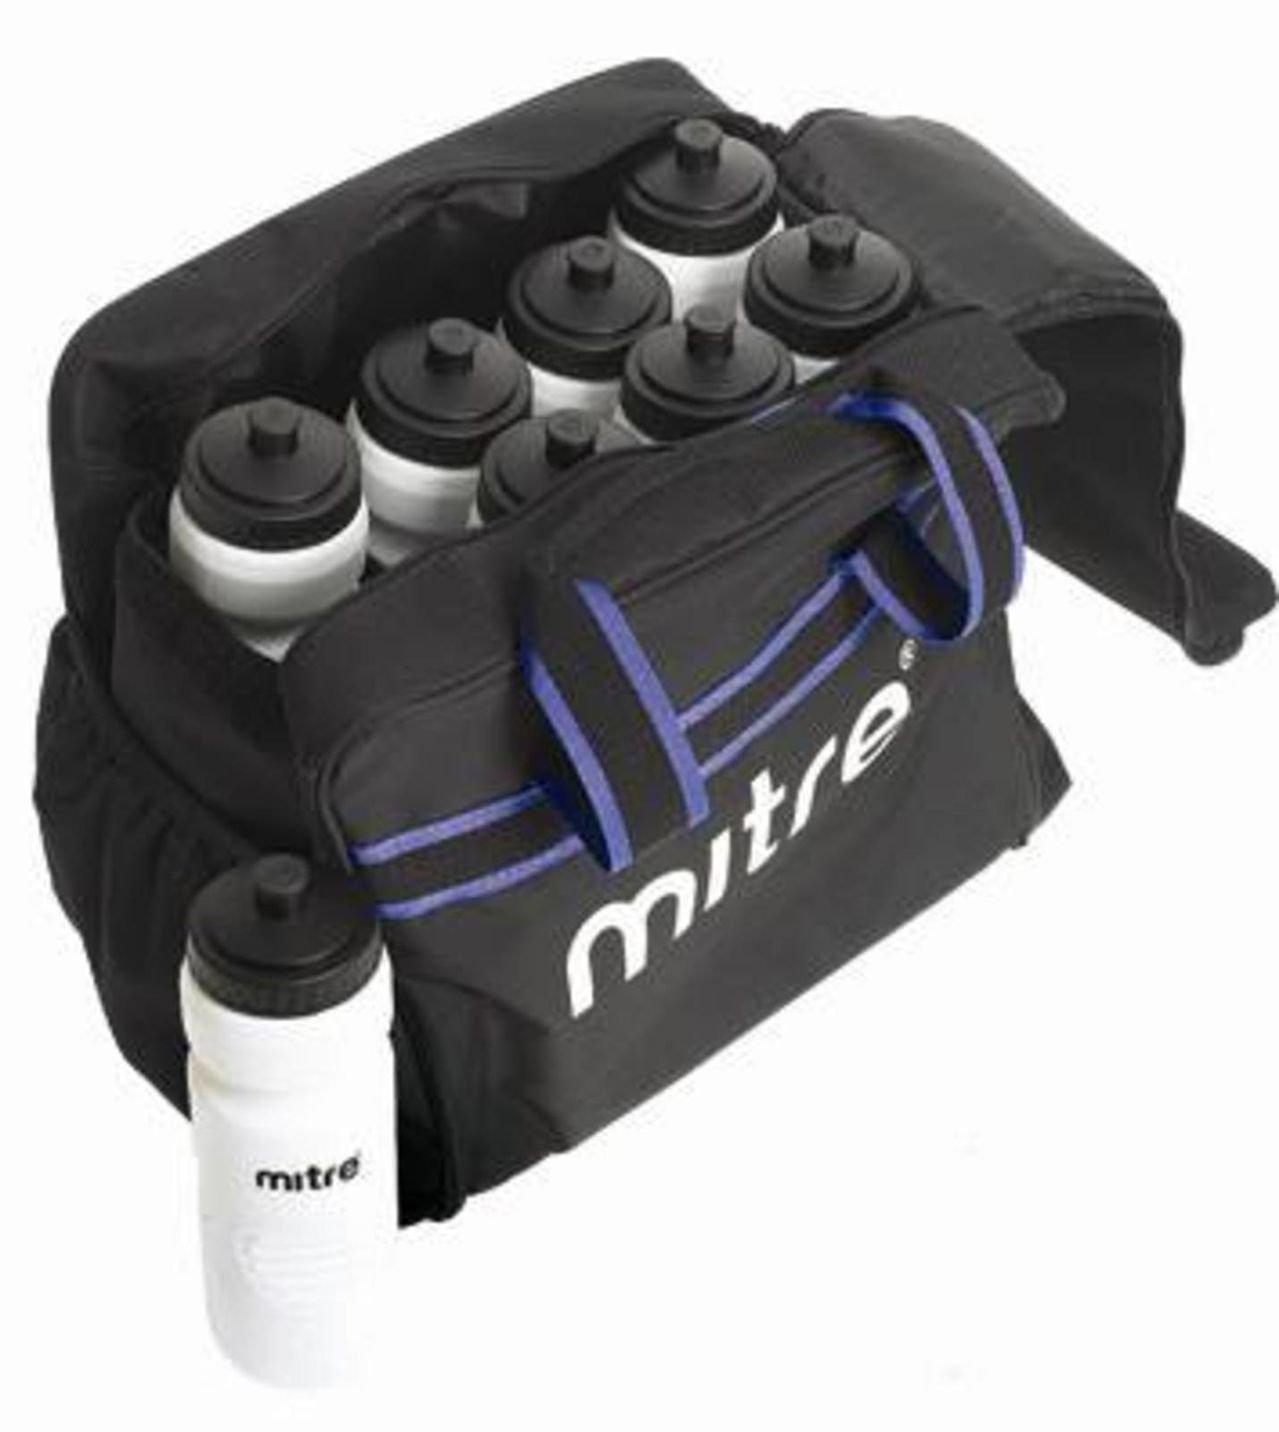 Mitre Soccer H4005 Cooler Bag & Water Bottle Set by mitre (Image #1)